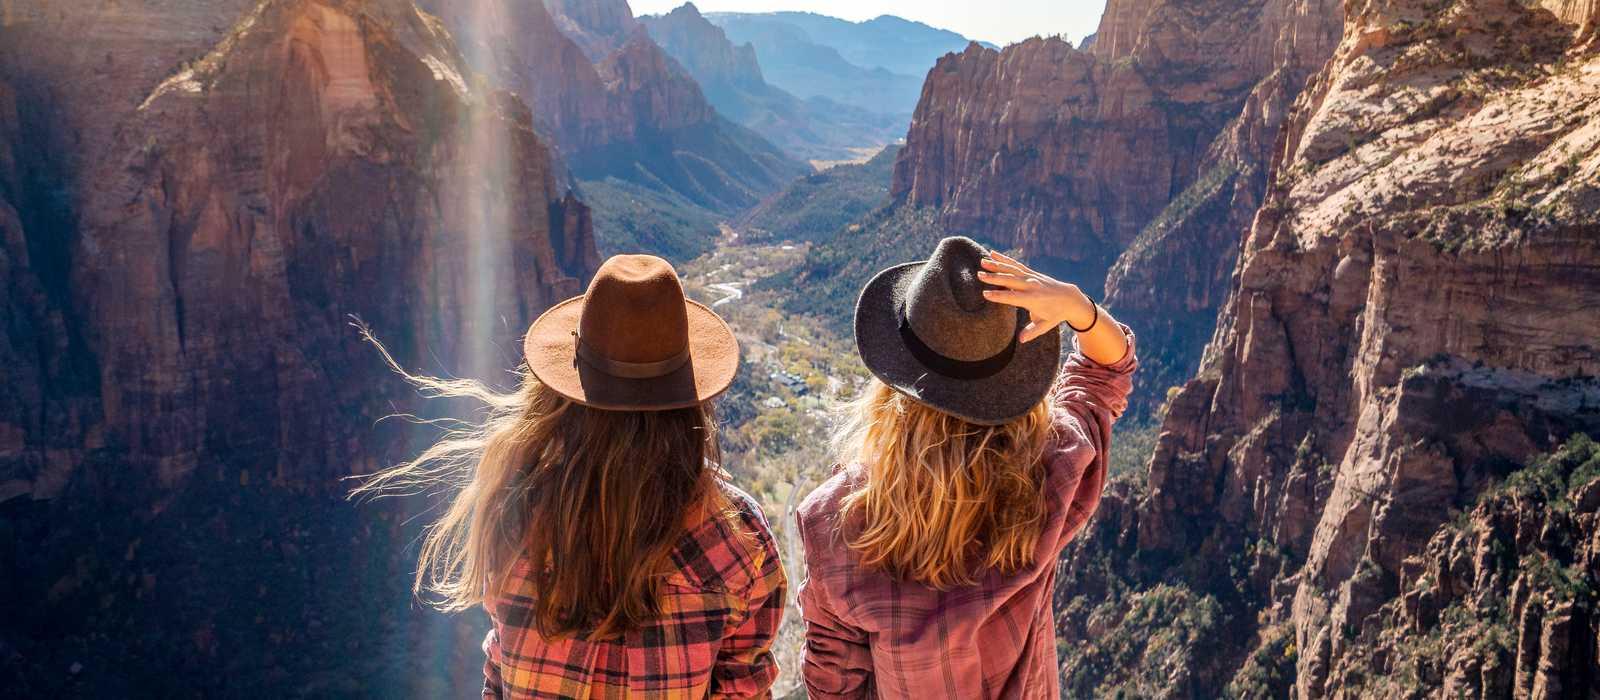 Zwei Frauen bestaunen den traumhaften Blick auf den Zion Nationalpark in Utah